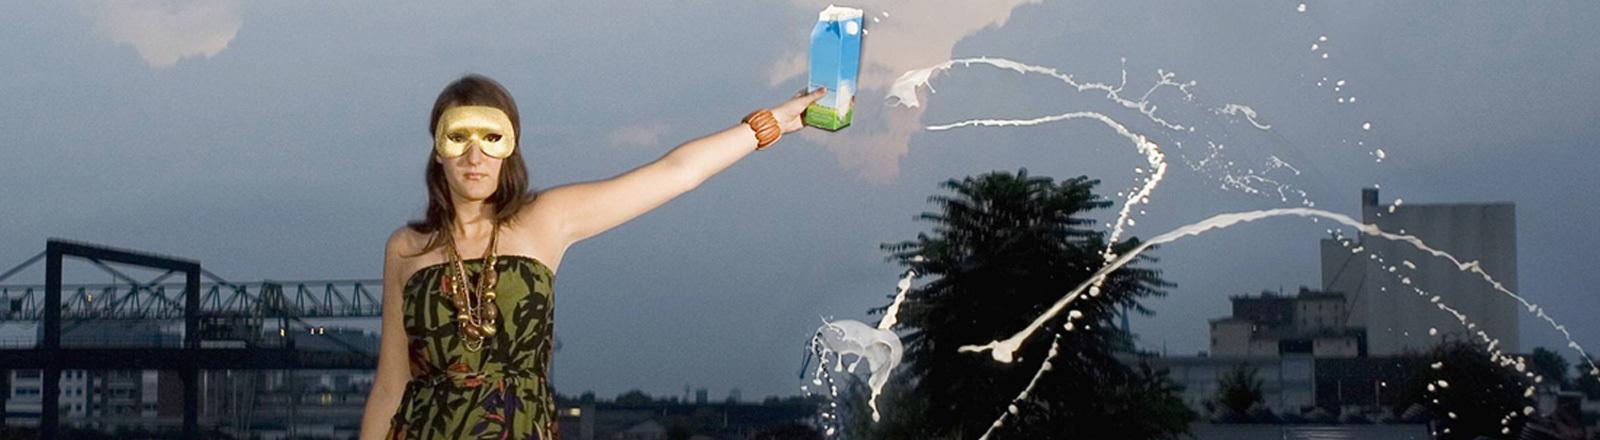 Eine Frau mit Maske verschüttet auf einem Industriegelände Milch.